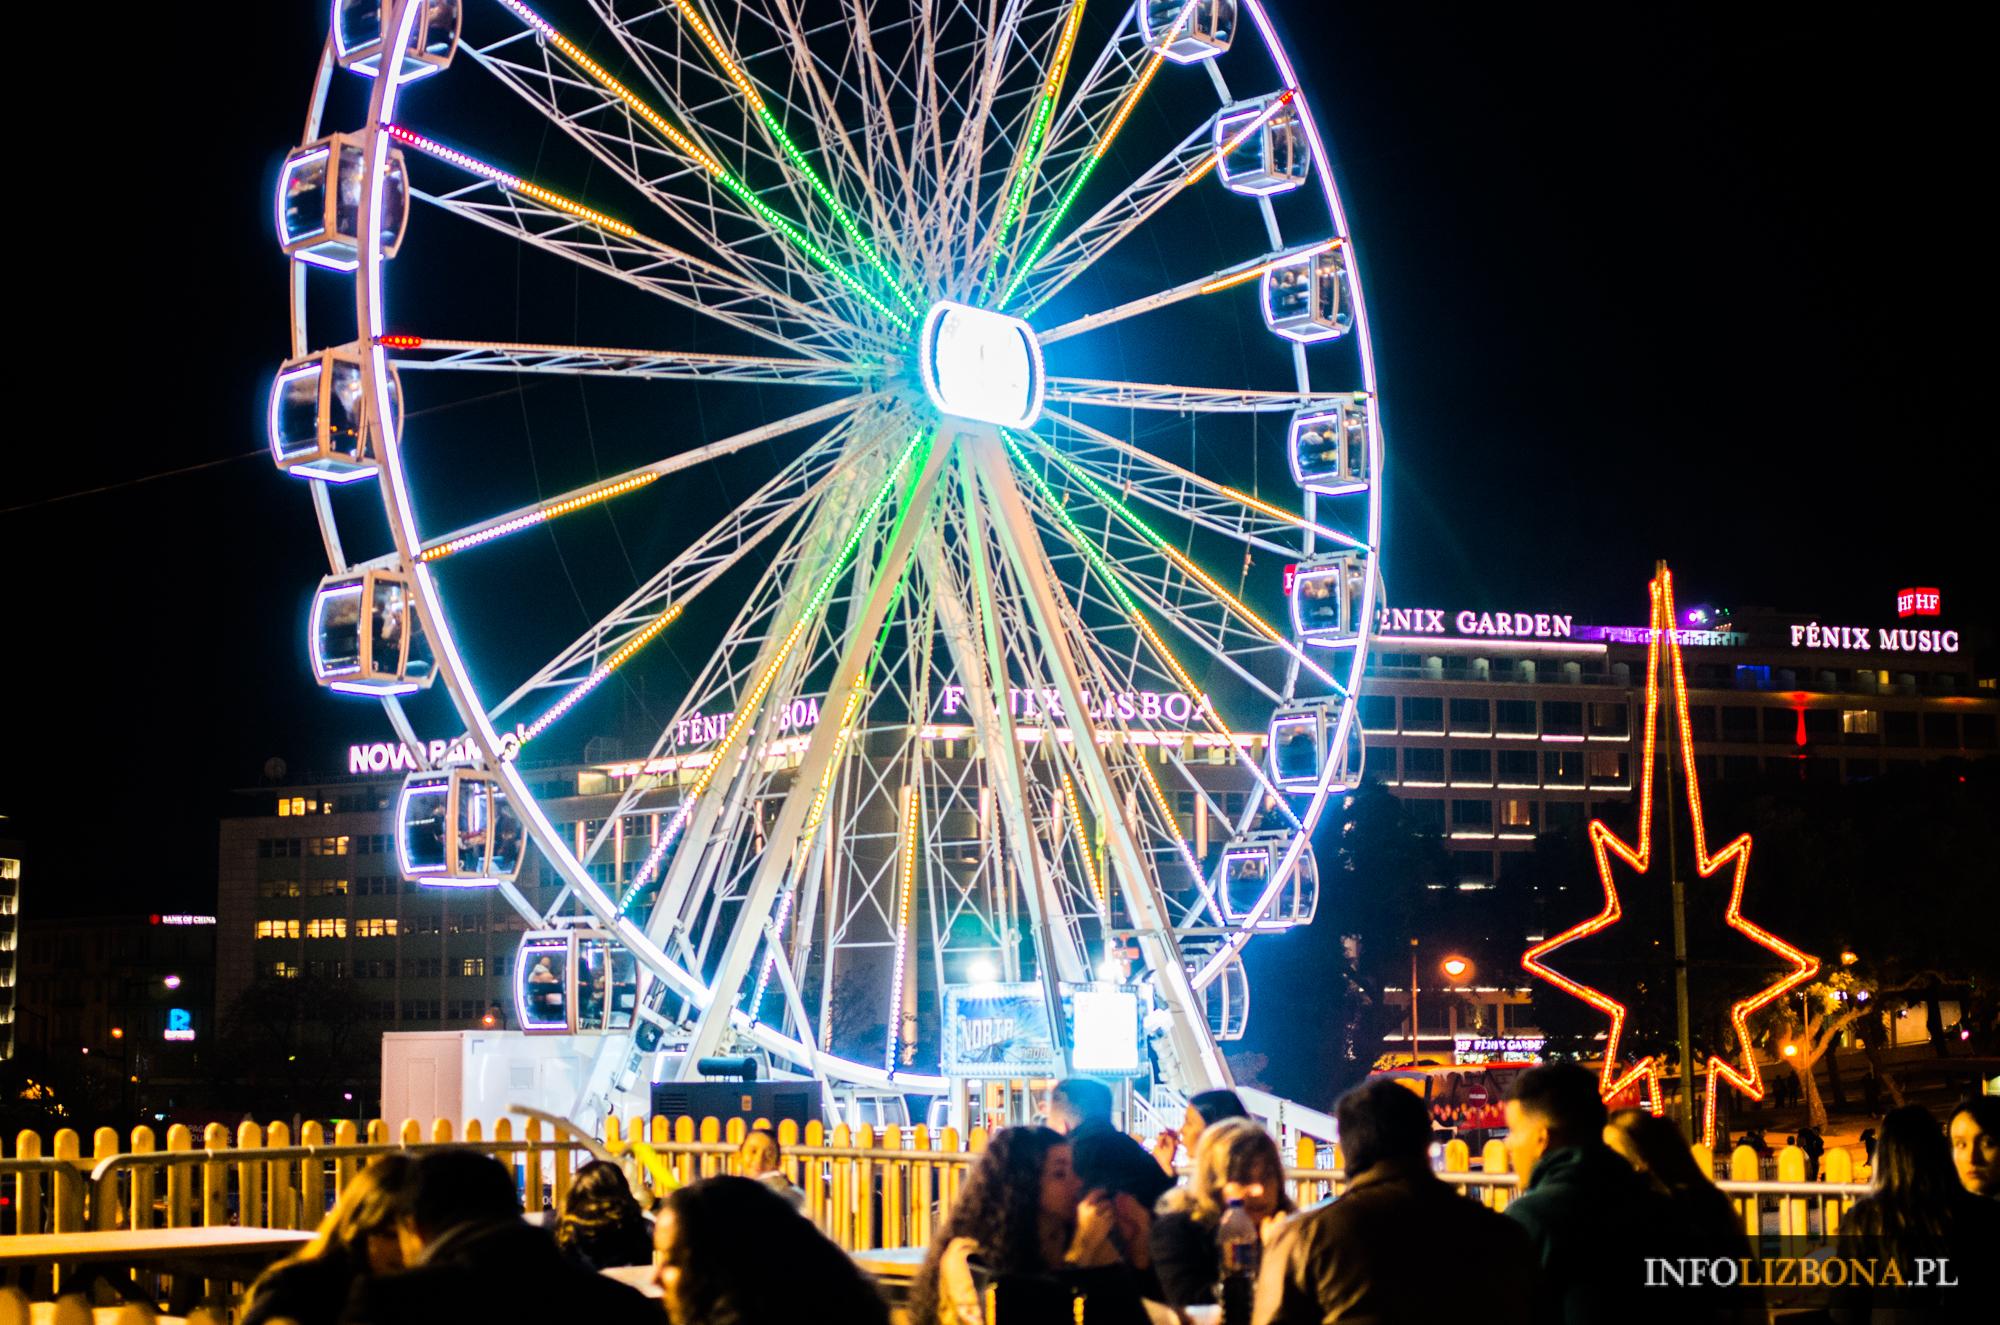 Lizbona Boże Narodzenie Święta 2018 w Lizbonie Nowy Rok 2019 Spacer po mieście przewodnik zwiedzanie Lisbona Portugalia Foto Zdjęcia Polecane Miejsce